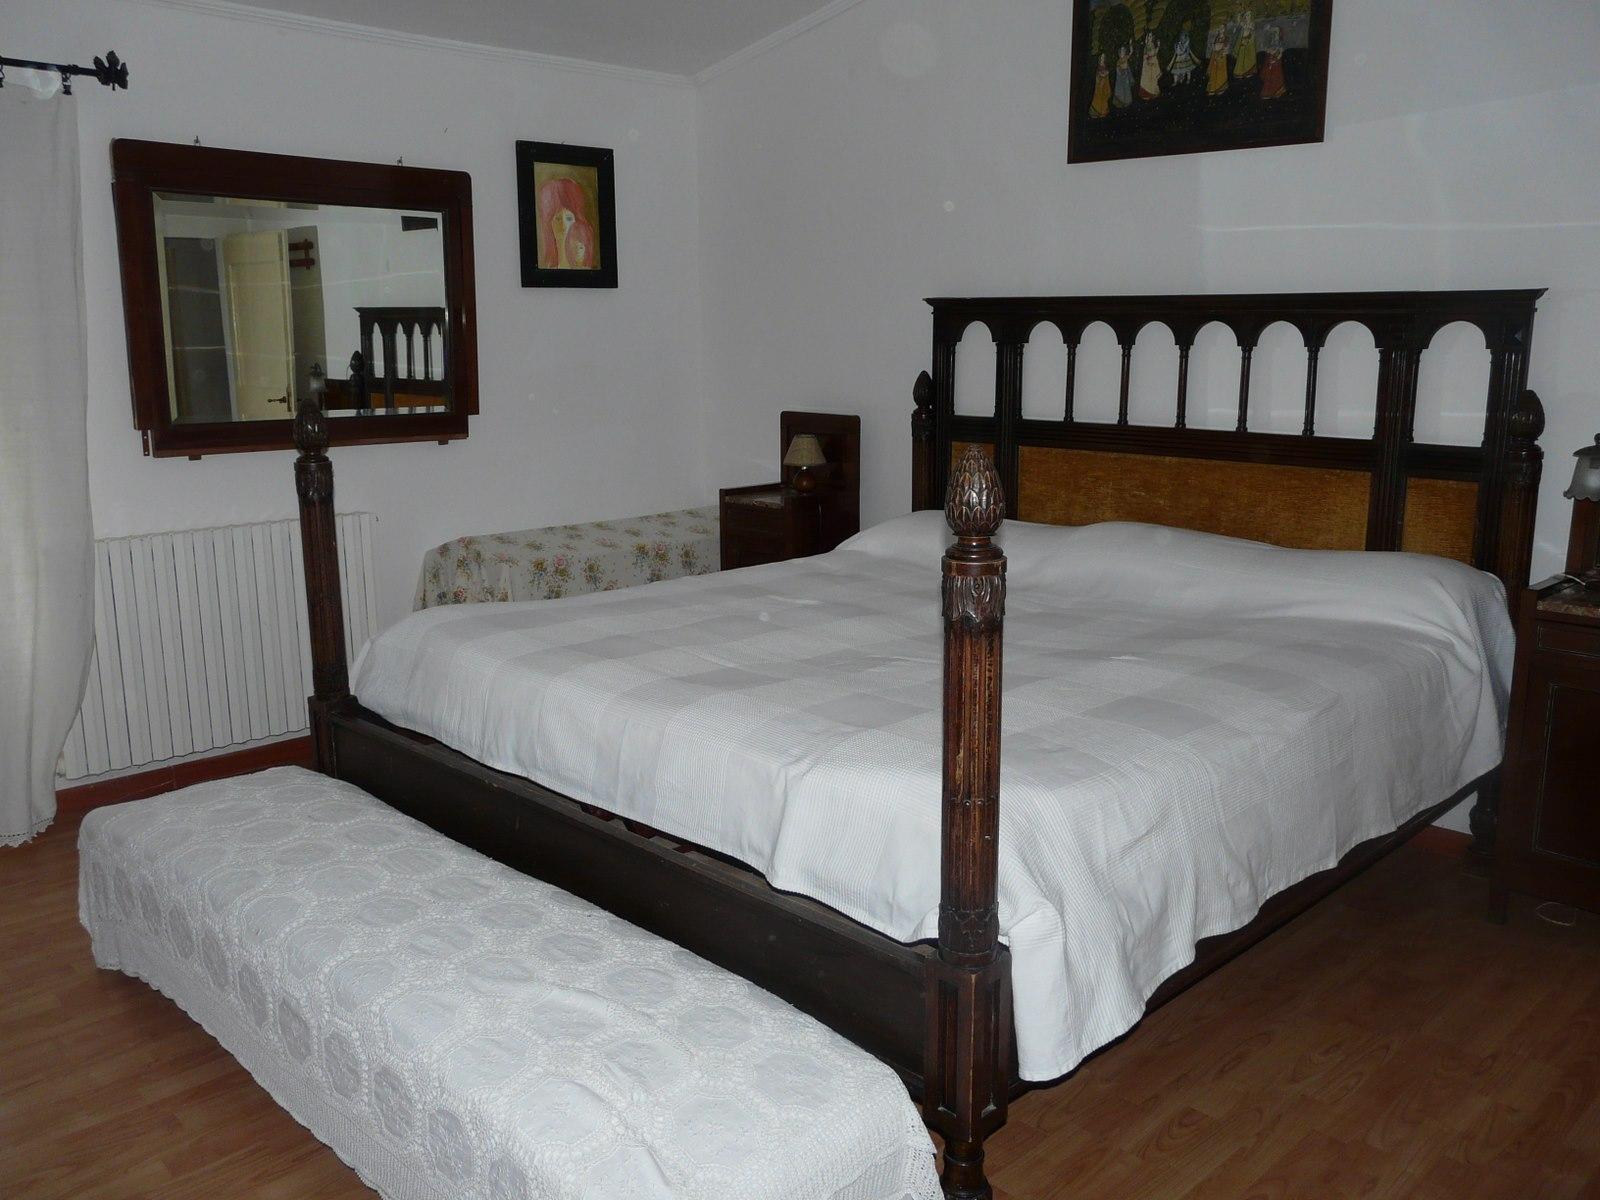 Ferienhaus Pescatore (870454), Fano (IT), Adriaküste (Marken), Marken, Italien, Bild 35